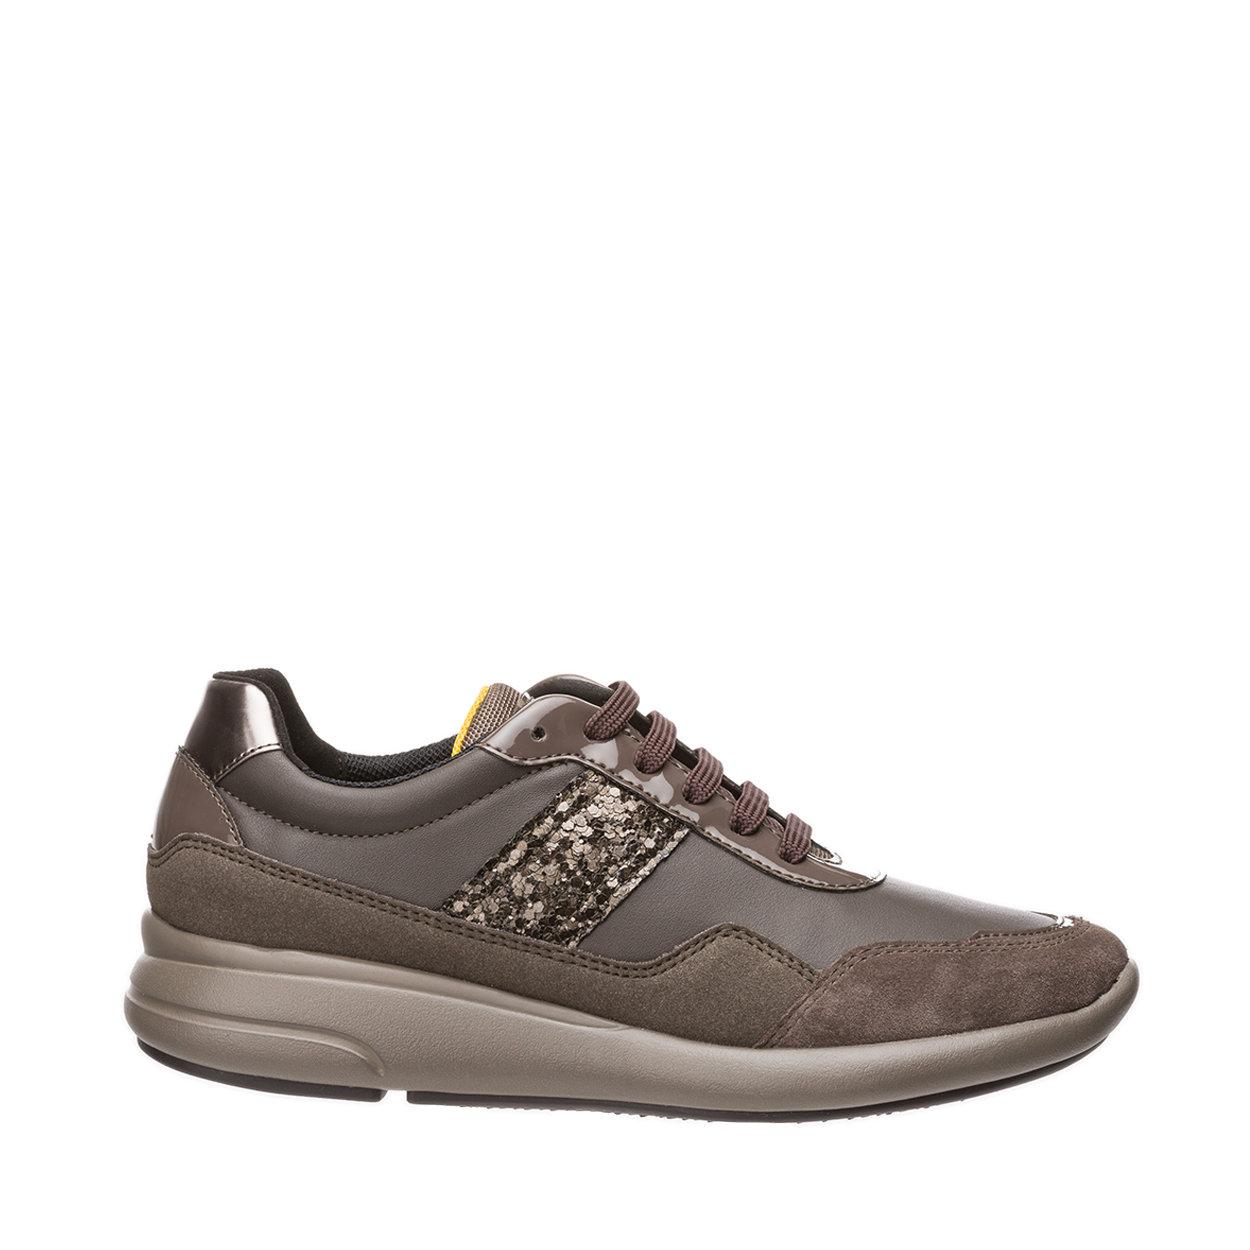 a basso prezzo 36b01 bc1af Sneakers Ophira C marroni - GEOX SCARPE - Acquista su Ventis.